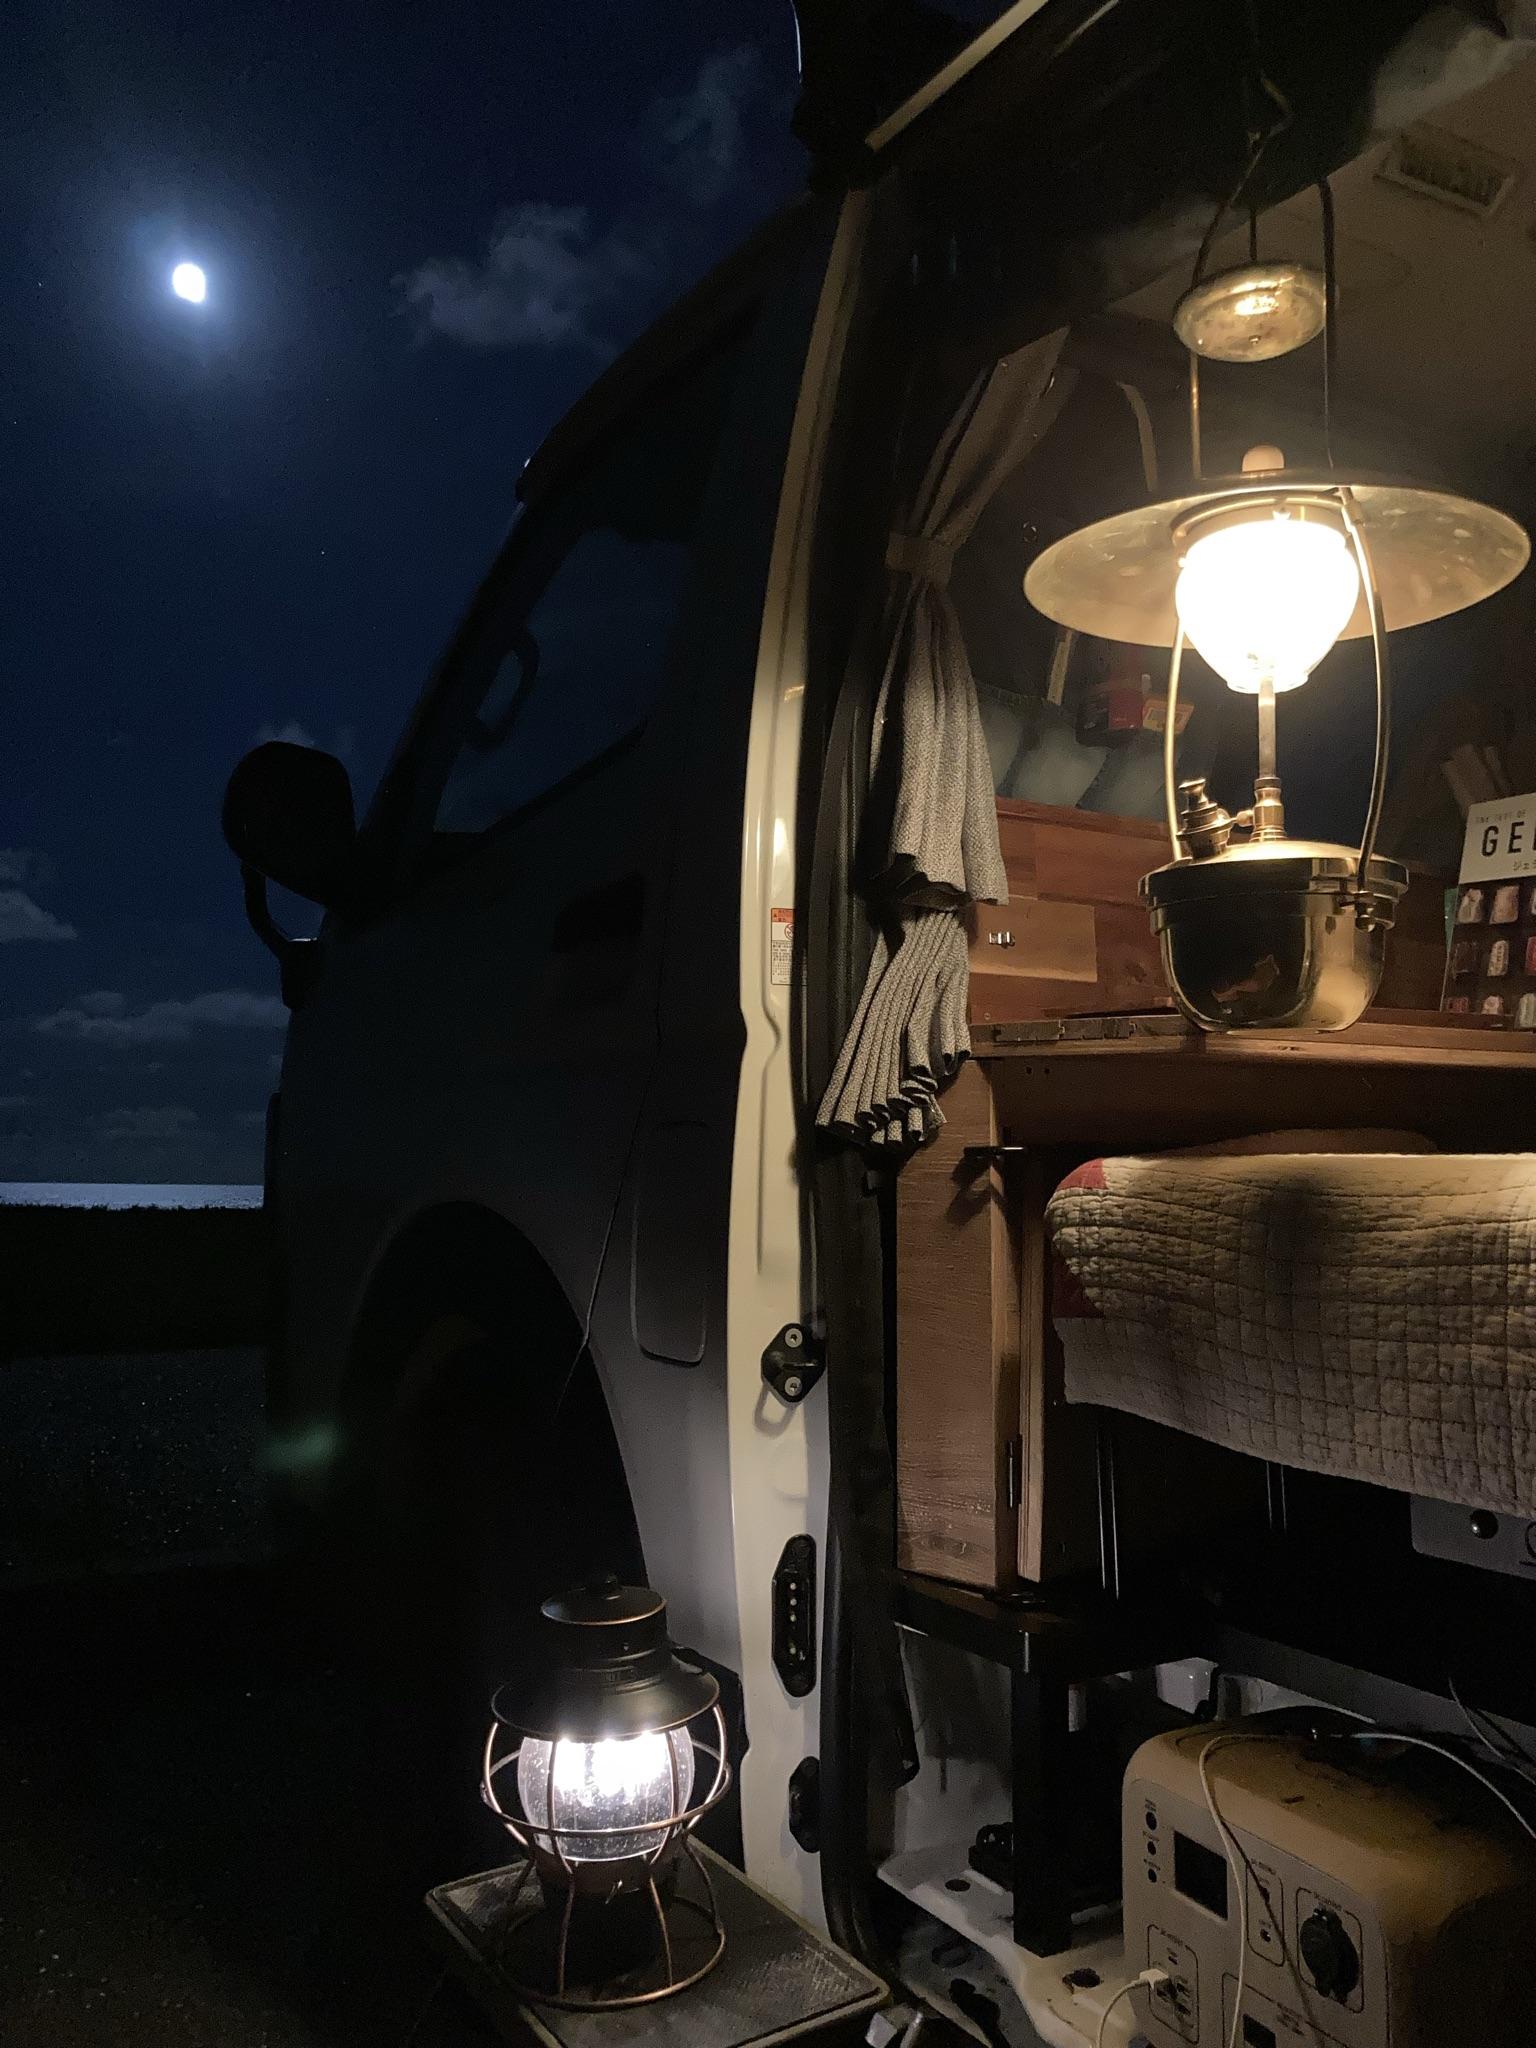 ポータブルバッテリーも標準装備。素敵な夜をお過ごしください